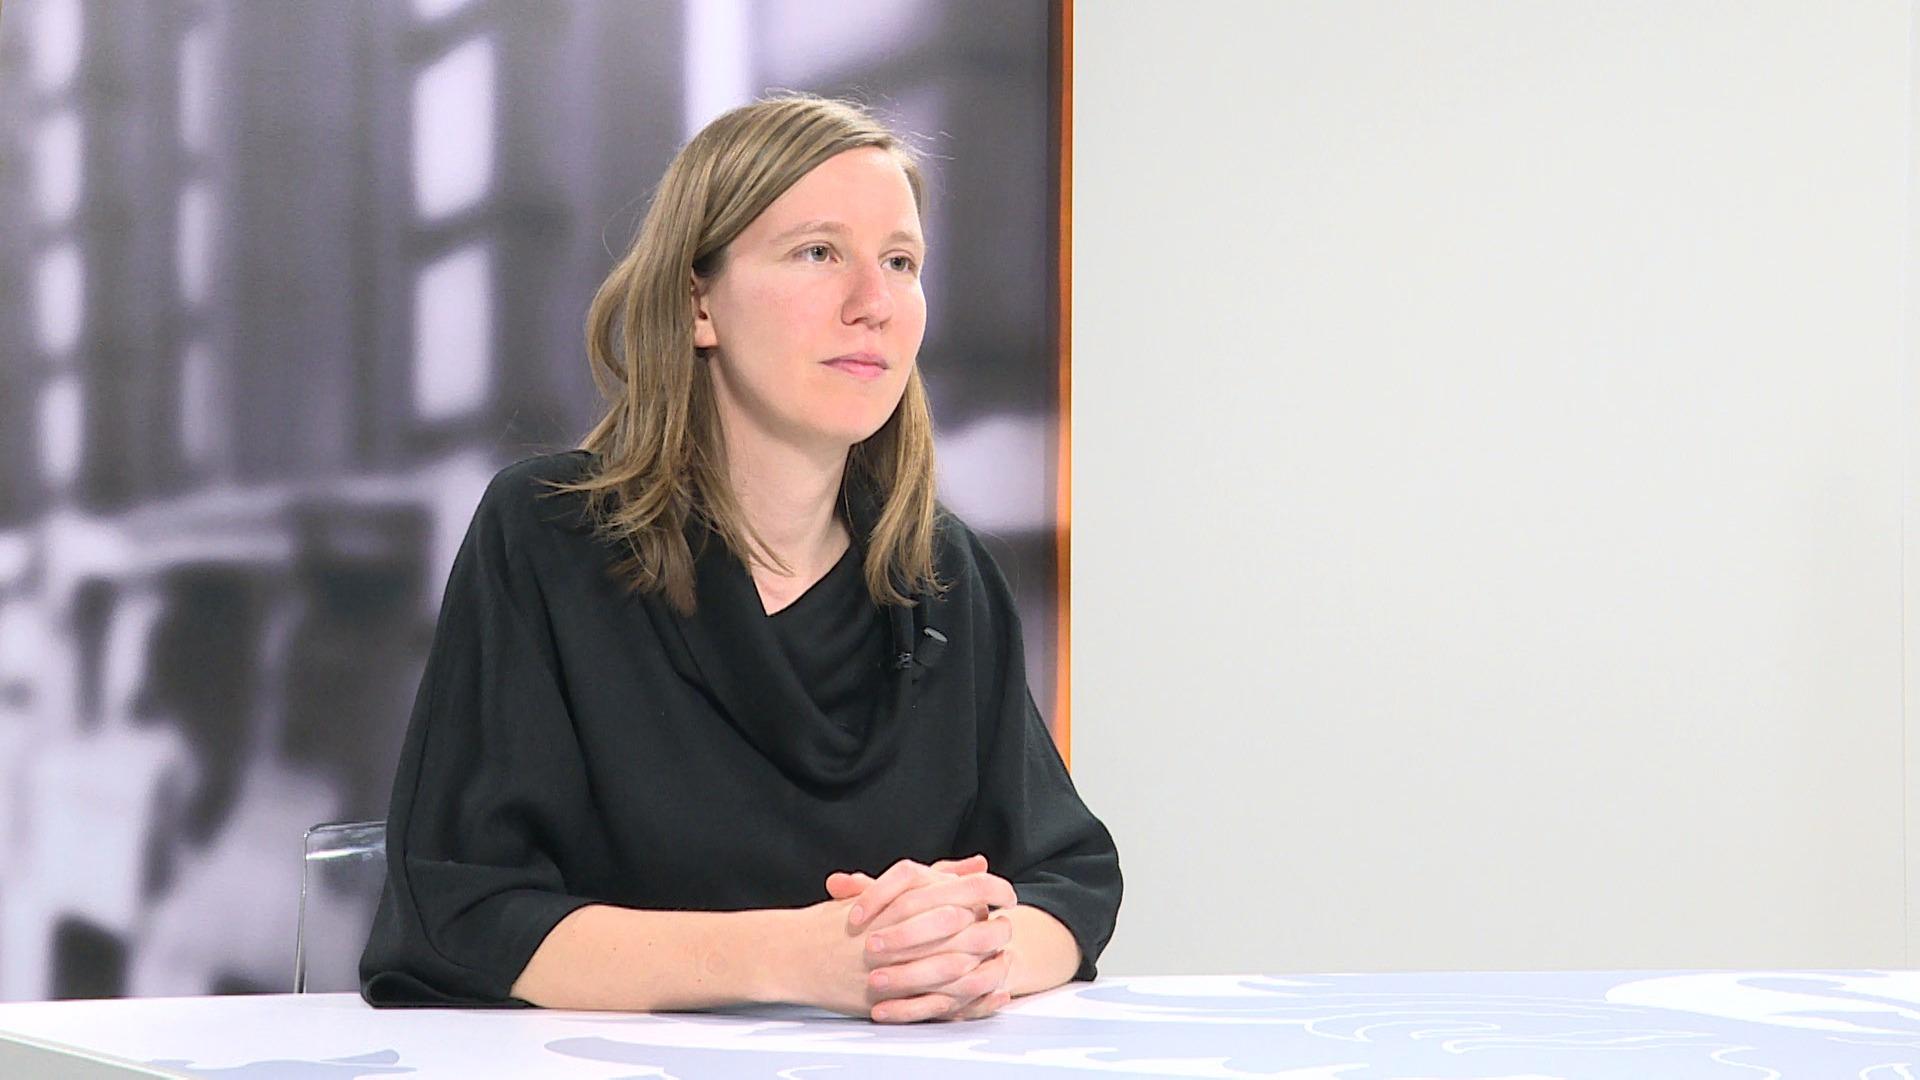 Studio Commissie: Tine Soens over gendergelijkheid in ontwikkelingslanden